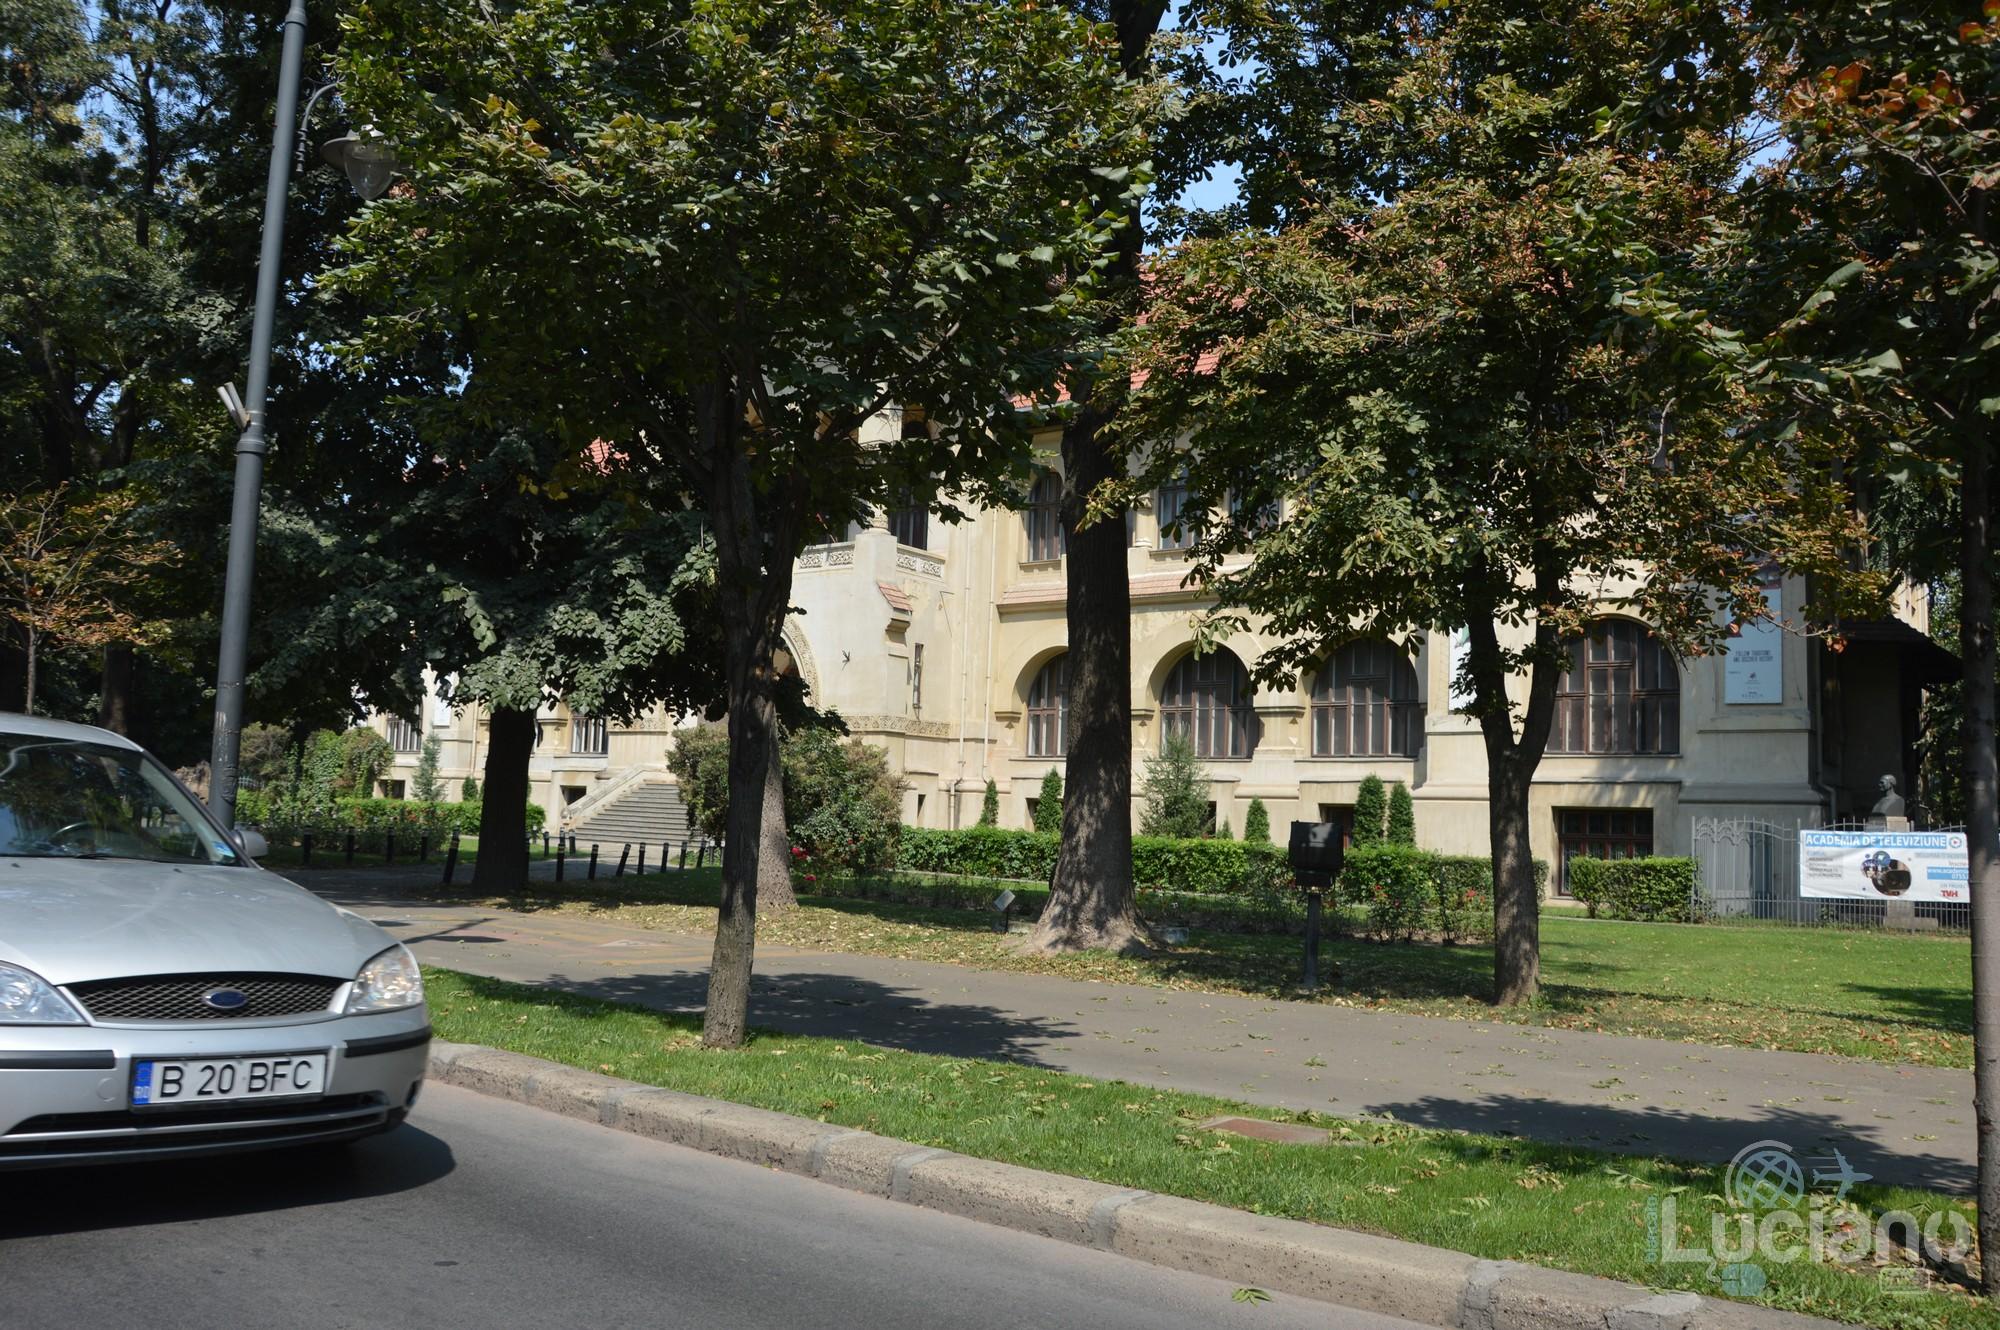 Bulevardul Nicolae Bălcescu - Bucarest